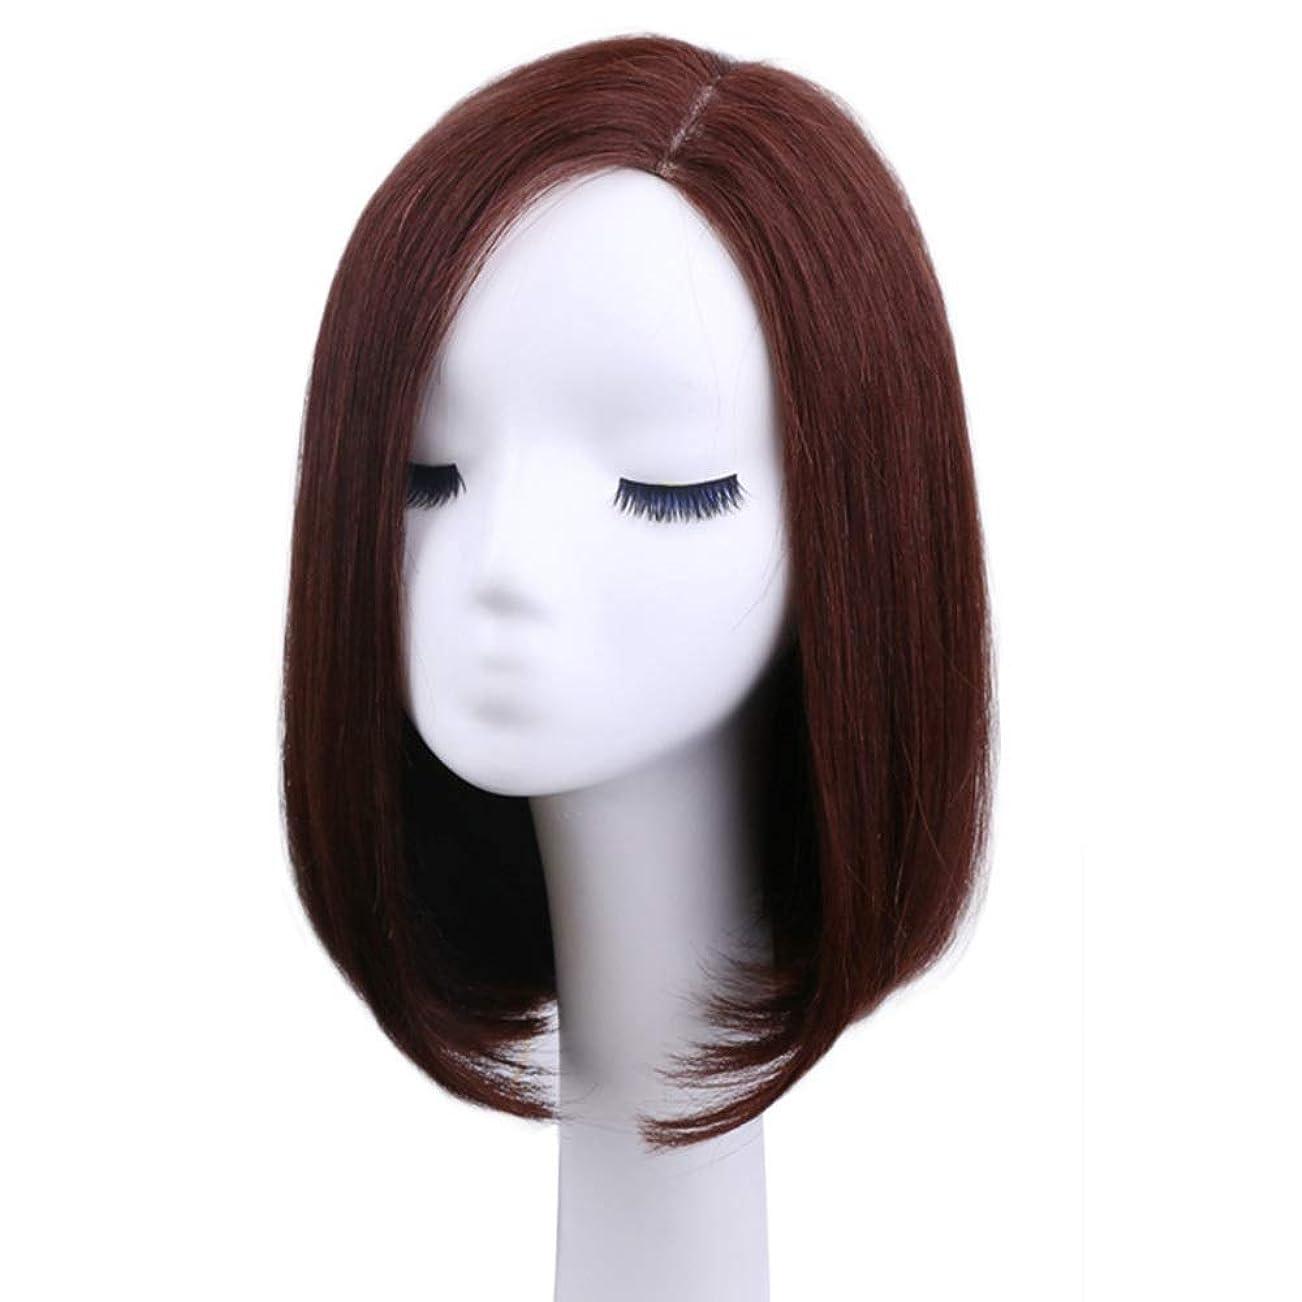 枠相談実際のIsikawan 女性の毎日のドレスリアルヘアボブウィッグのためのバックルストレートヘア (色 : Dark brown, Design : Mechanism)